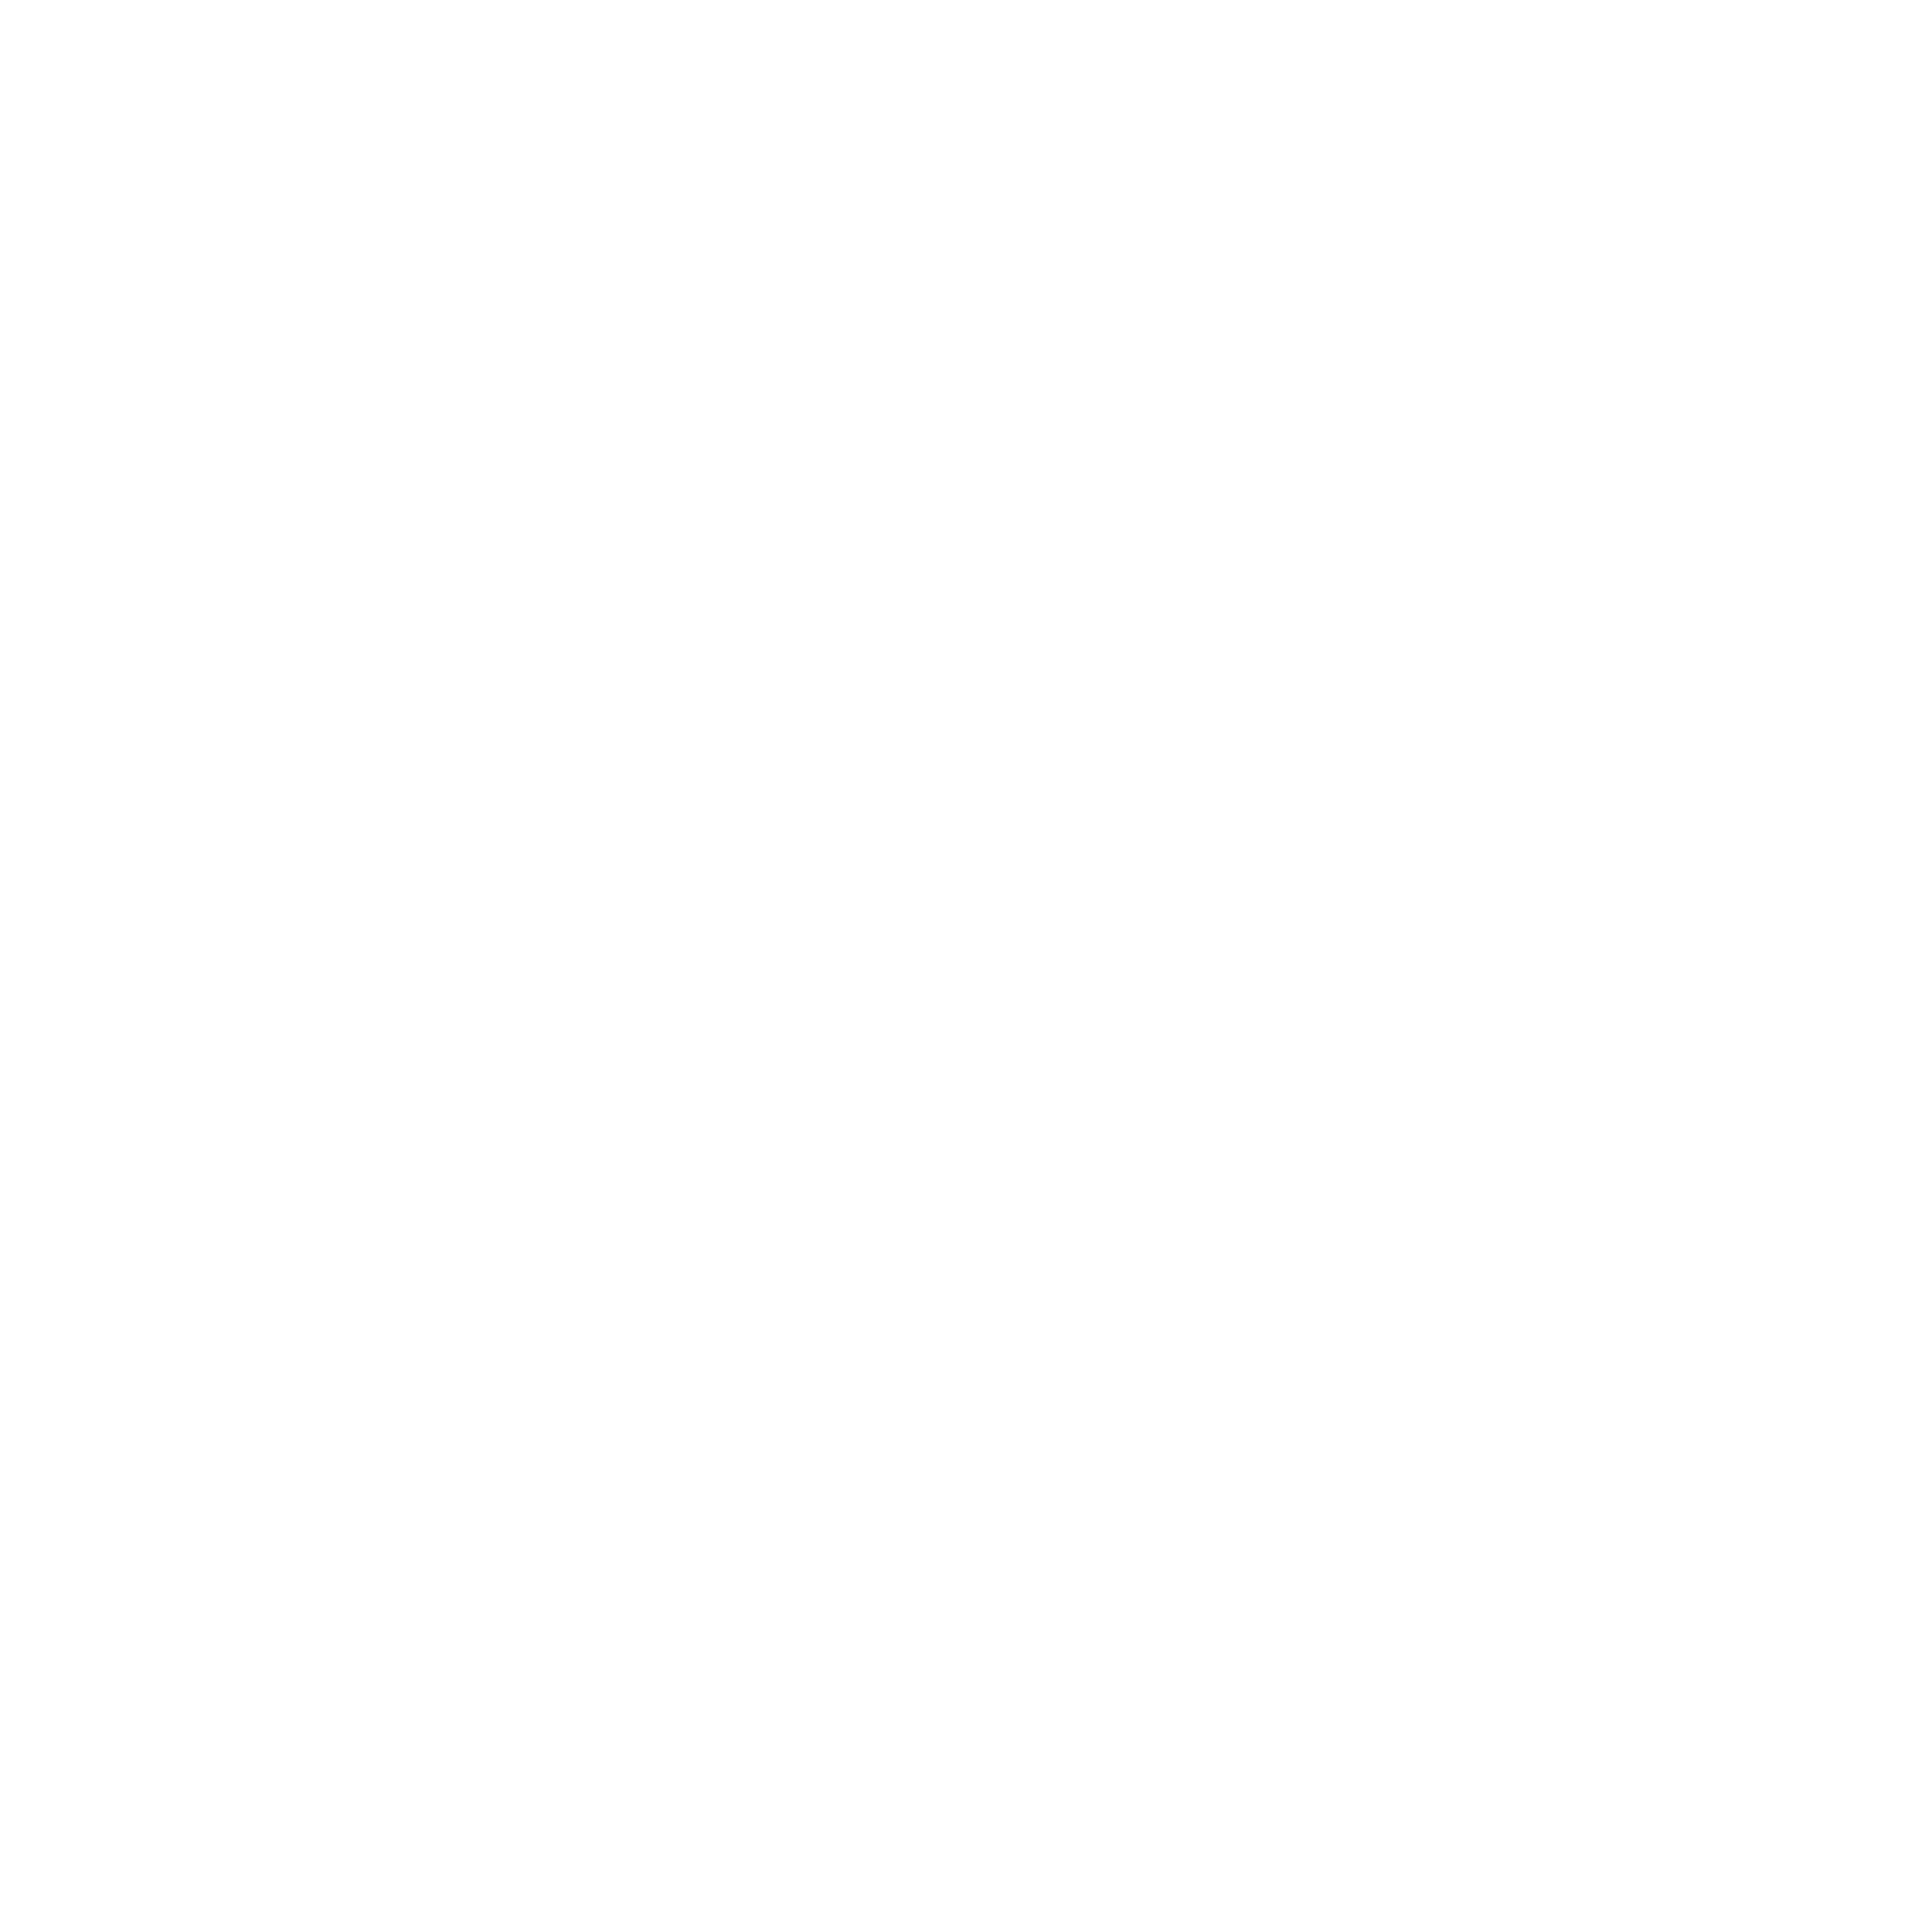 Nissan-emblem-2003-2048x2048 copy